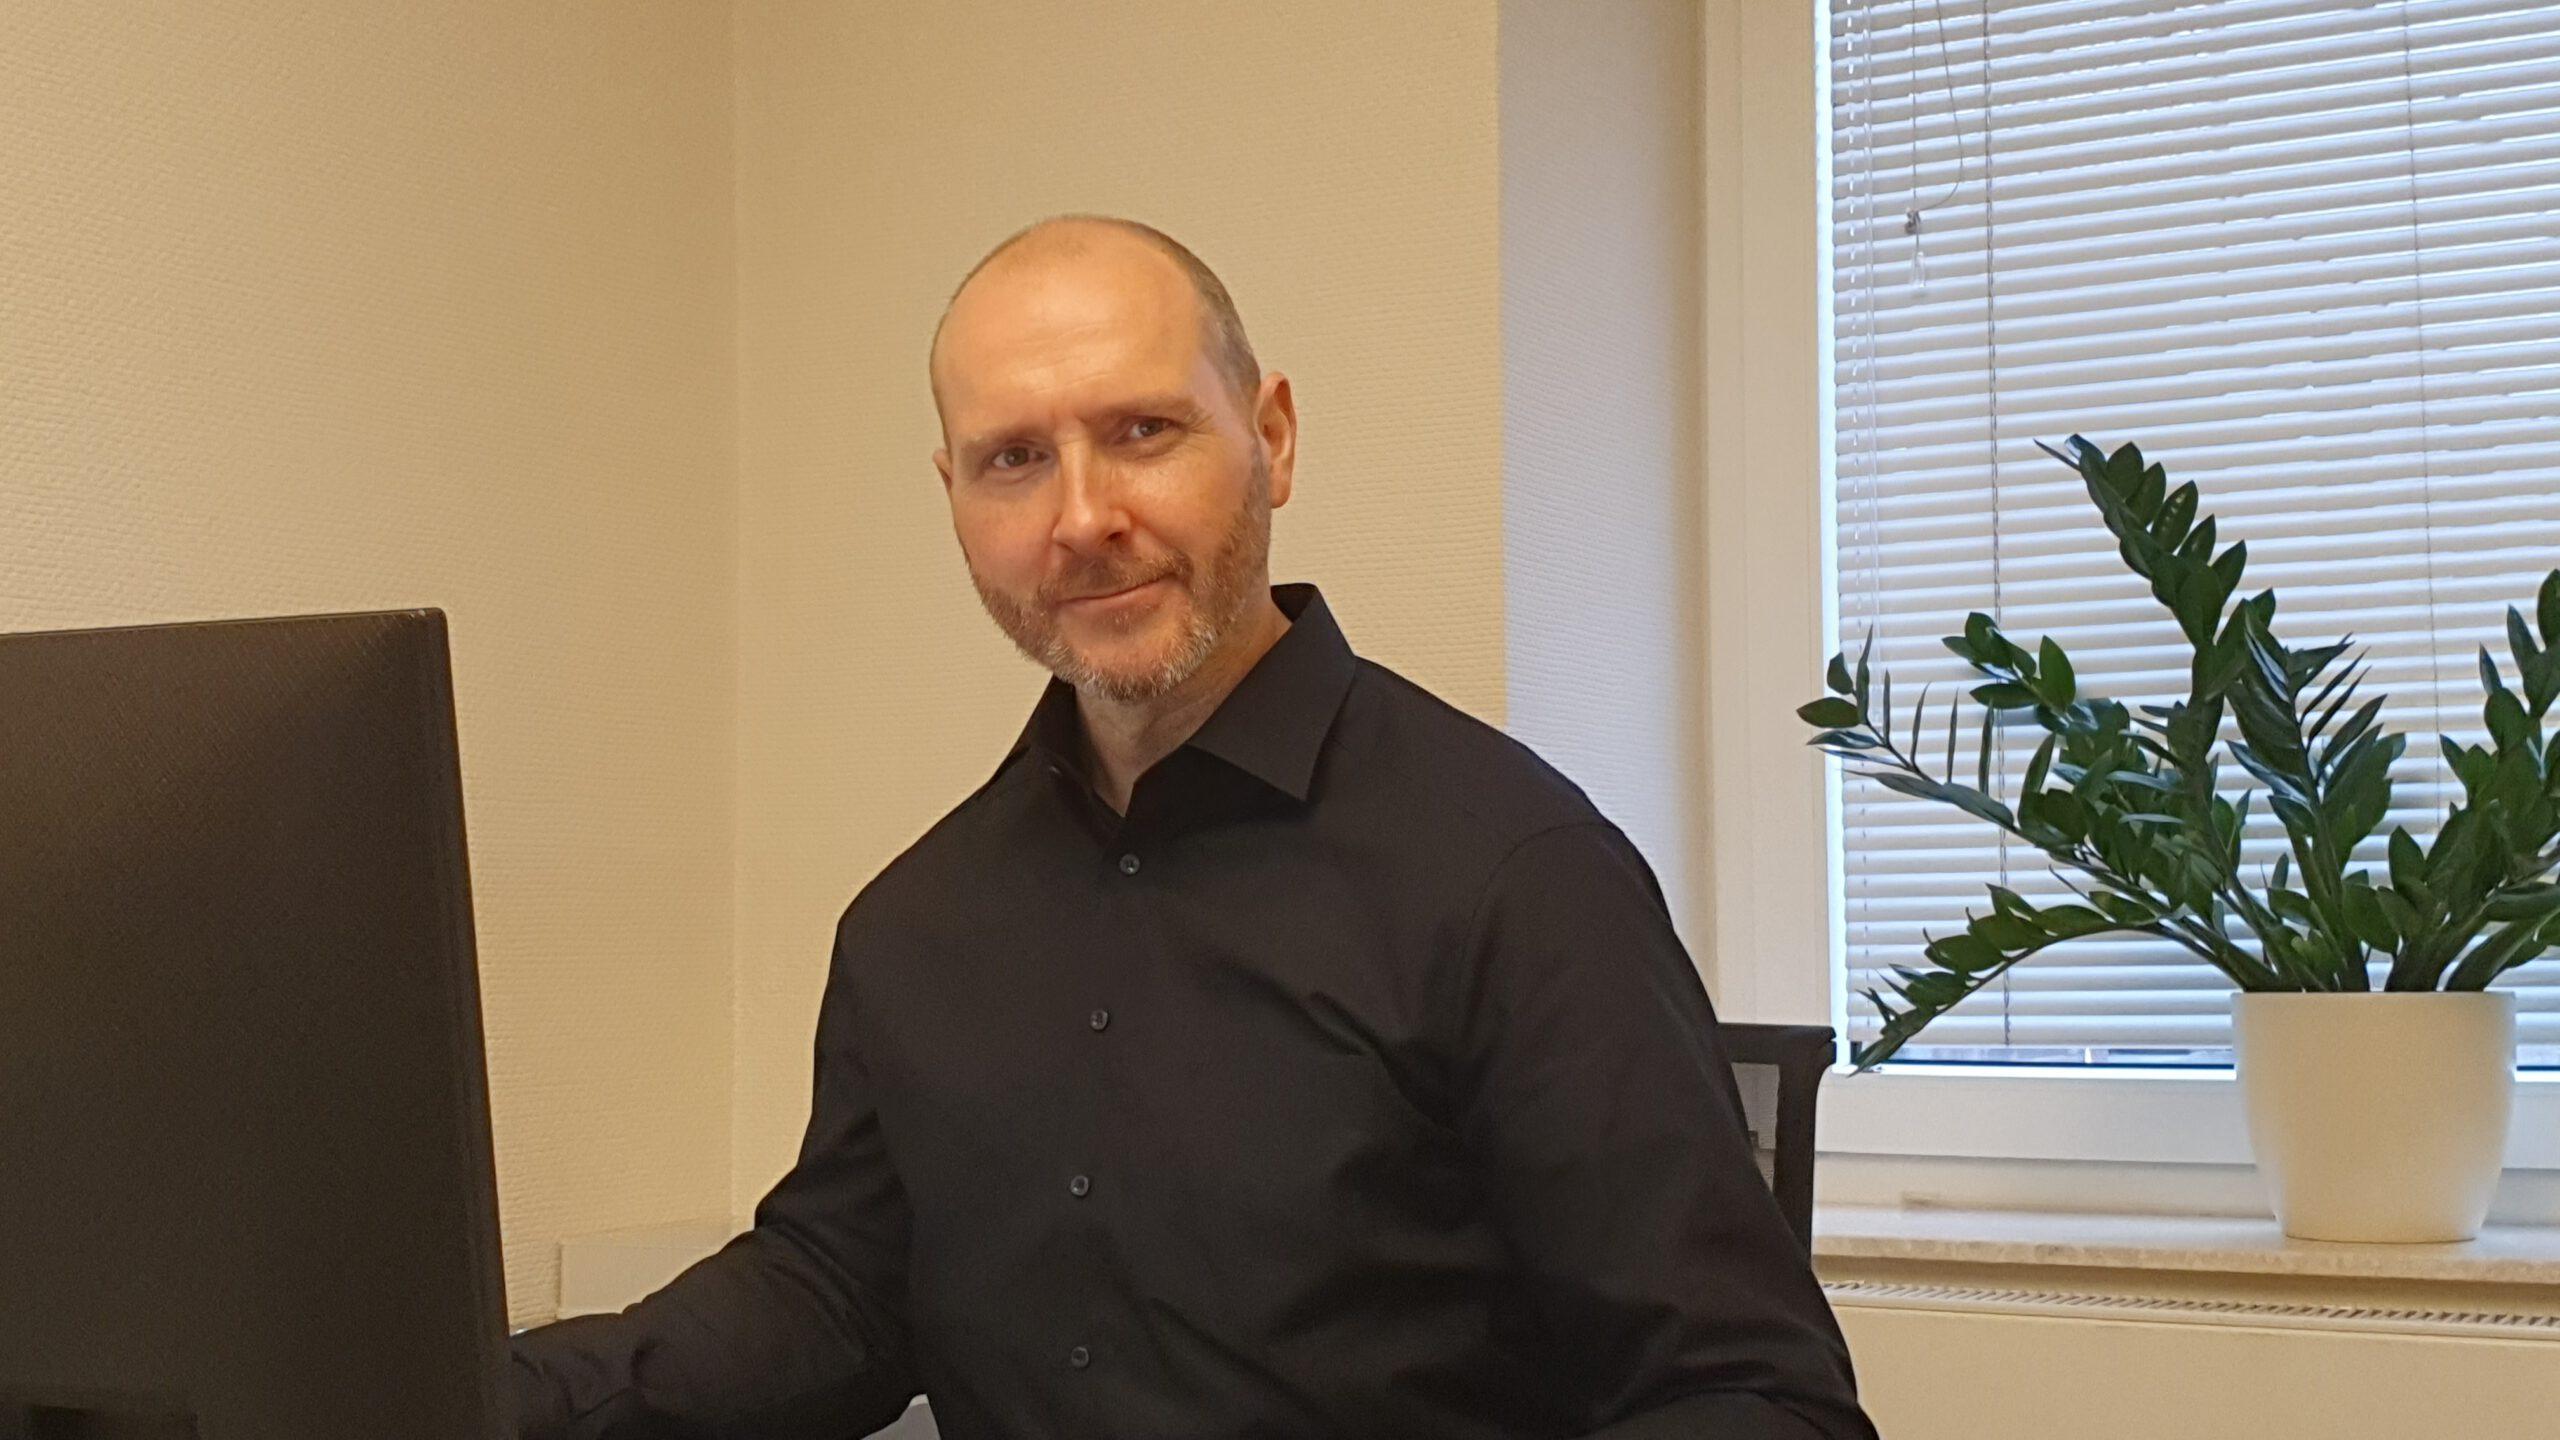 Olaf Wallbaum